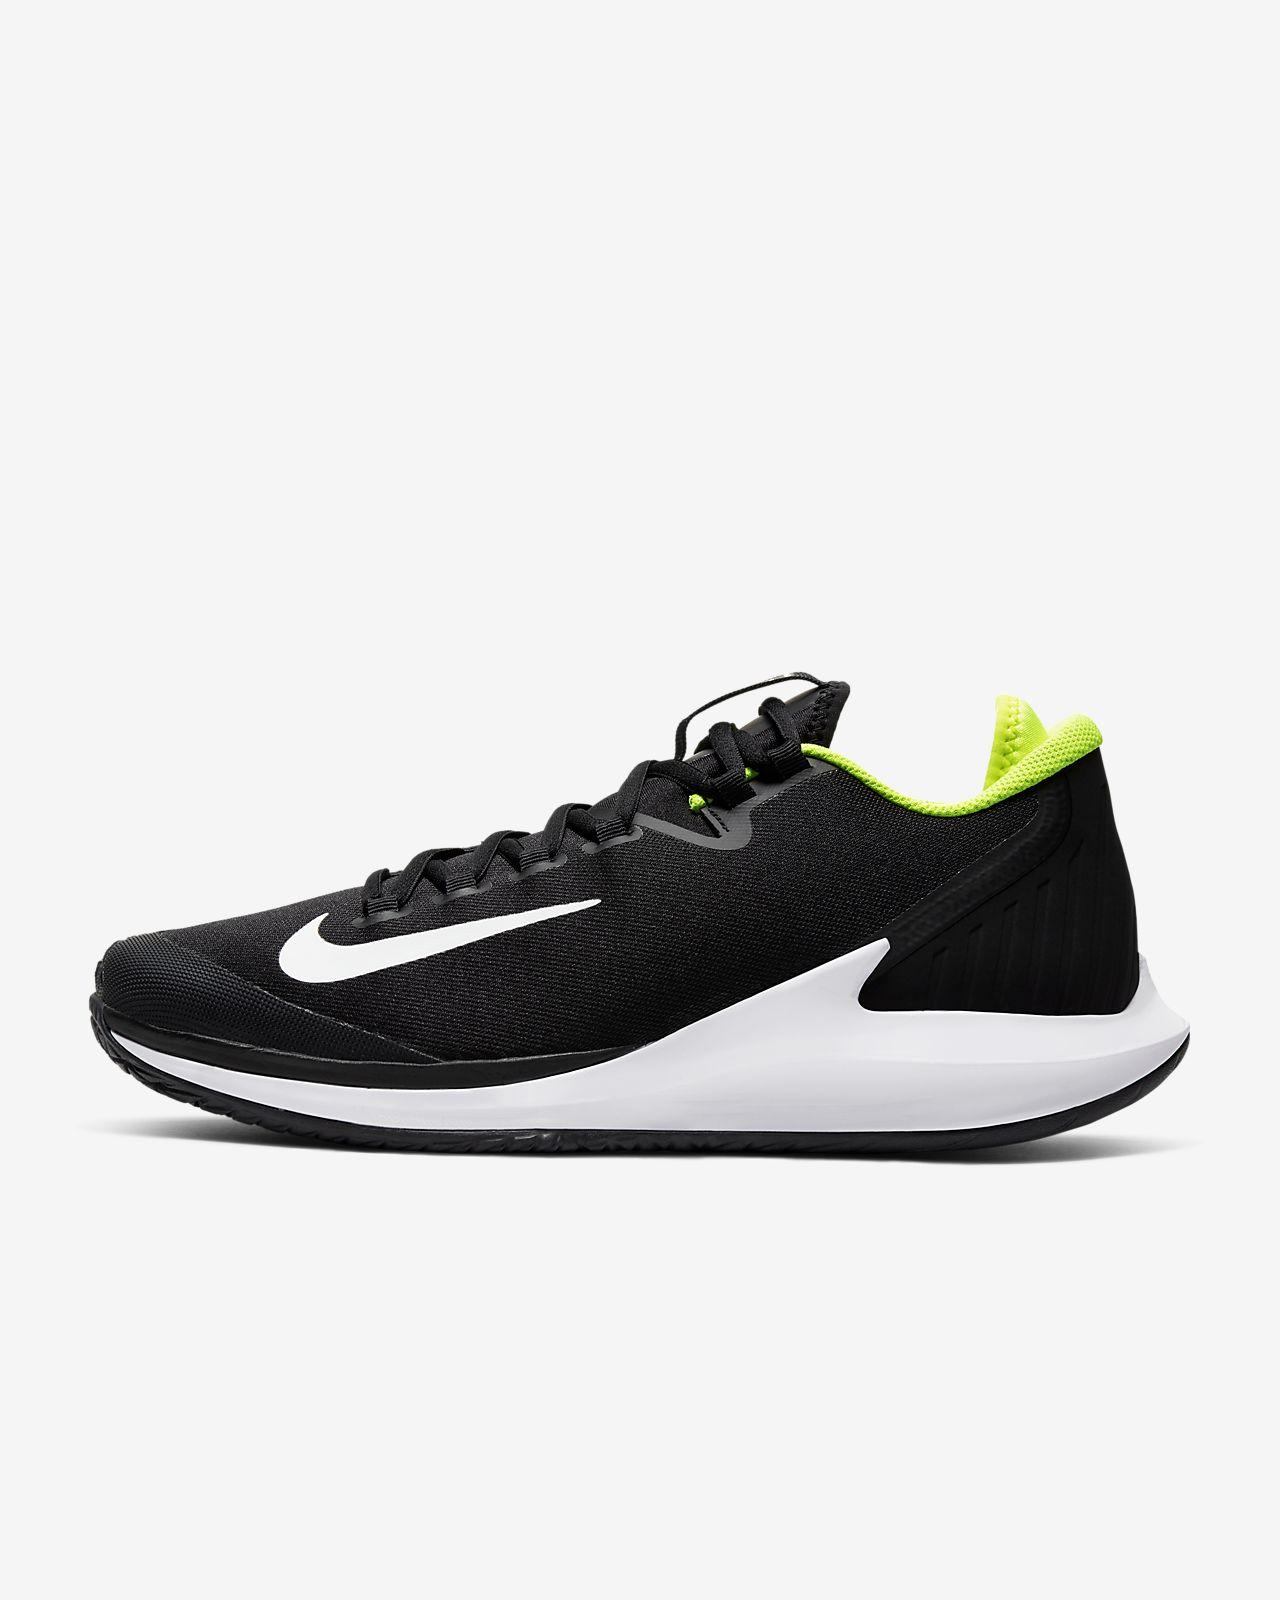 NikeCourt Air Zoom Zero Men's Tennis Shoe